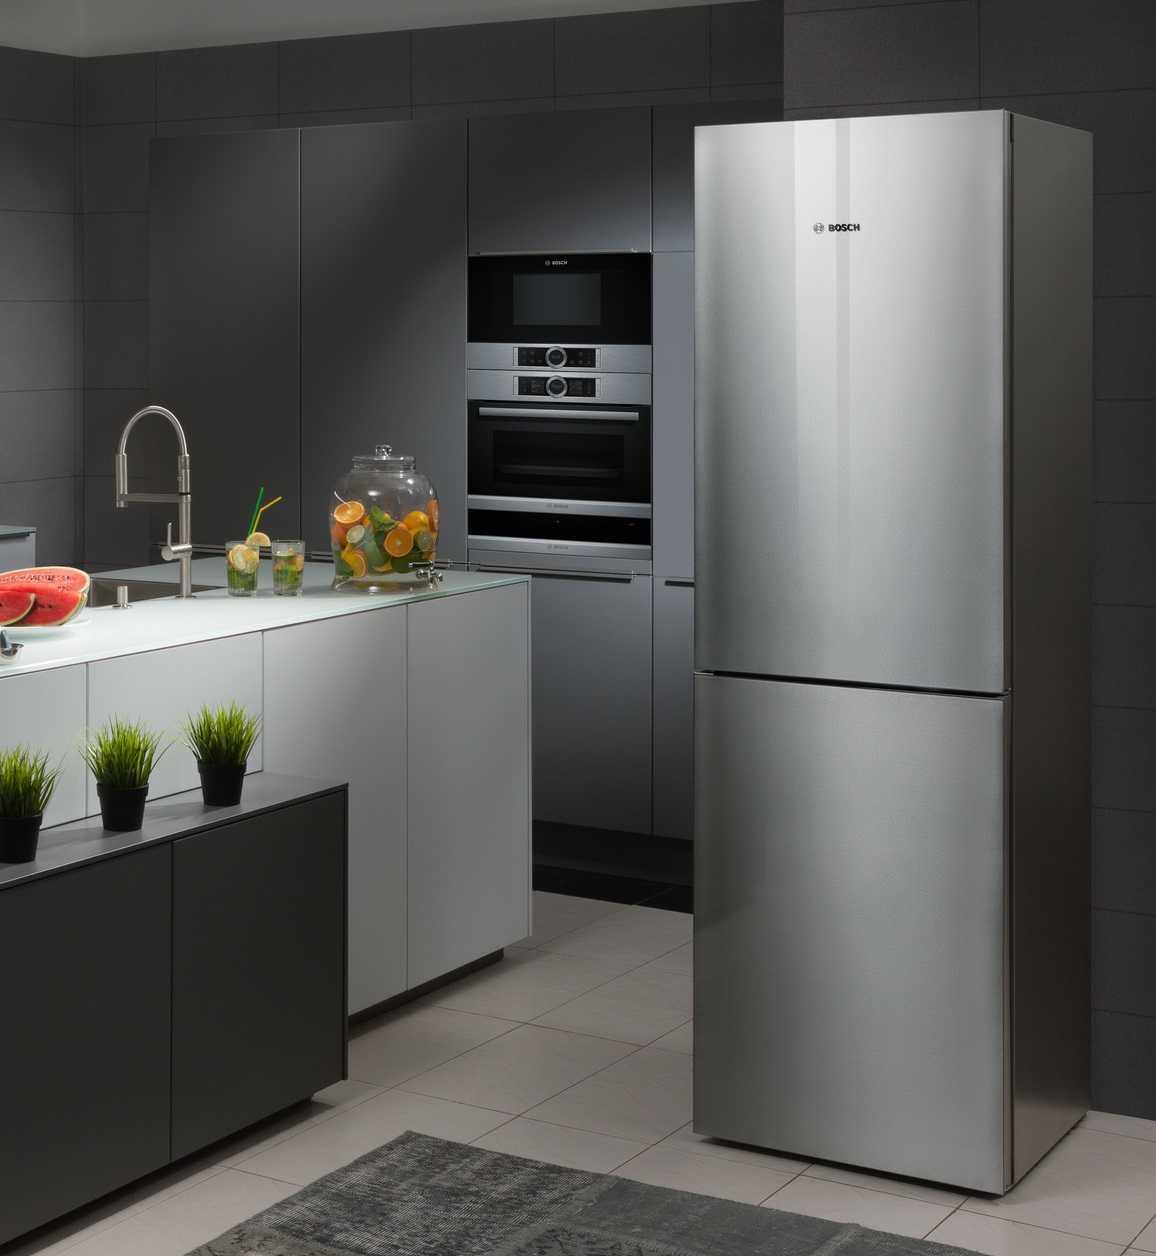 Как выбрать холодильник - советы эксперта + рейтинг лучших фирм-производителей